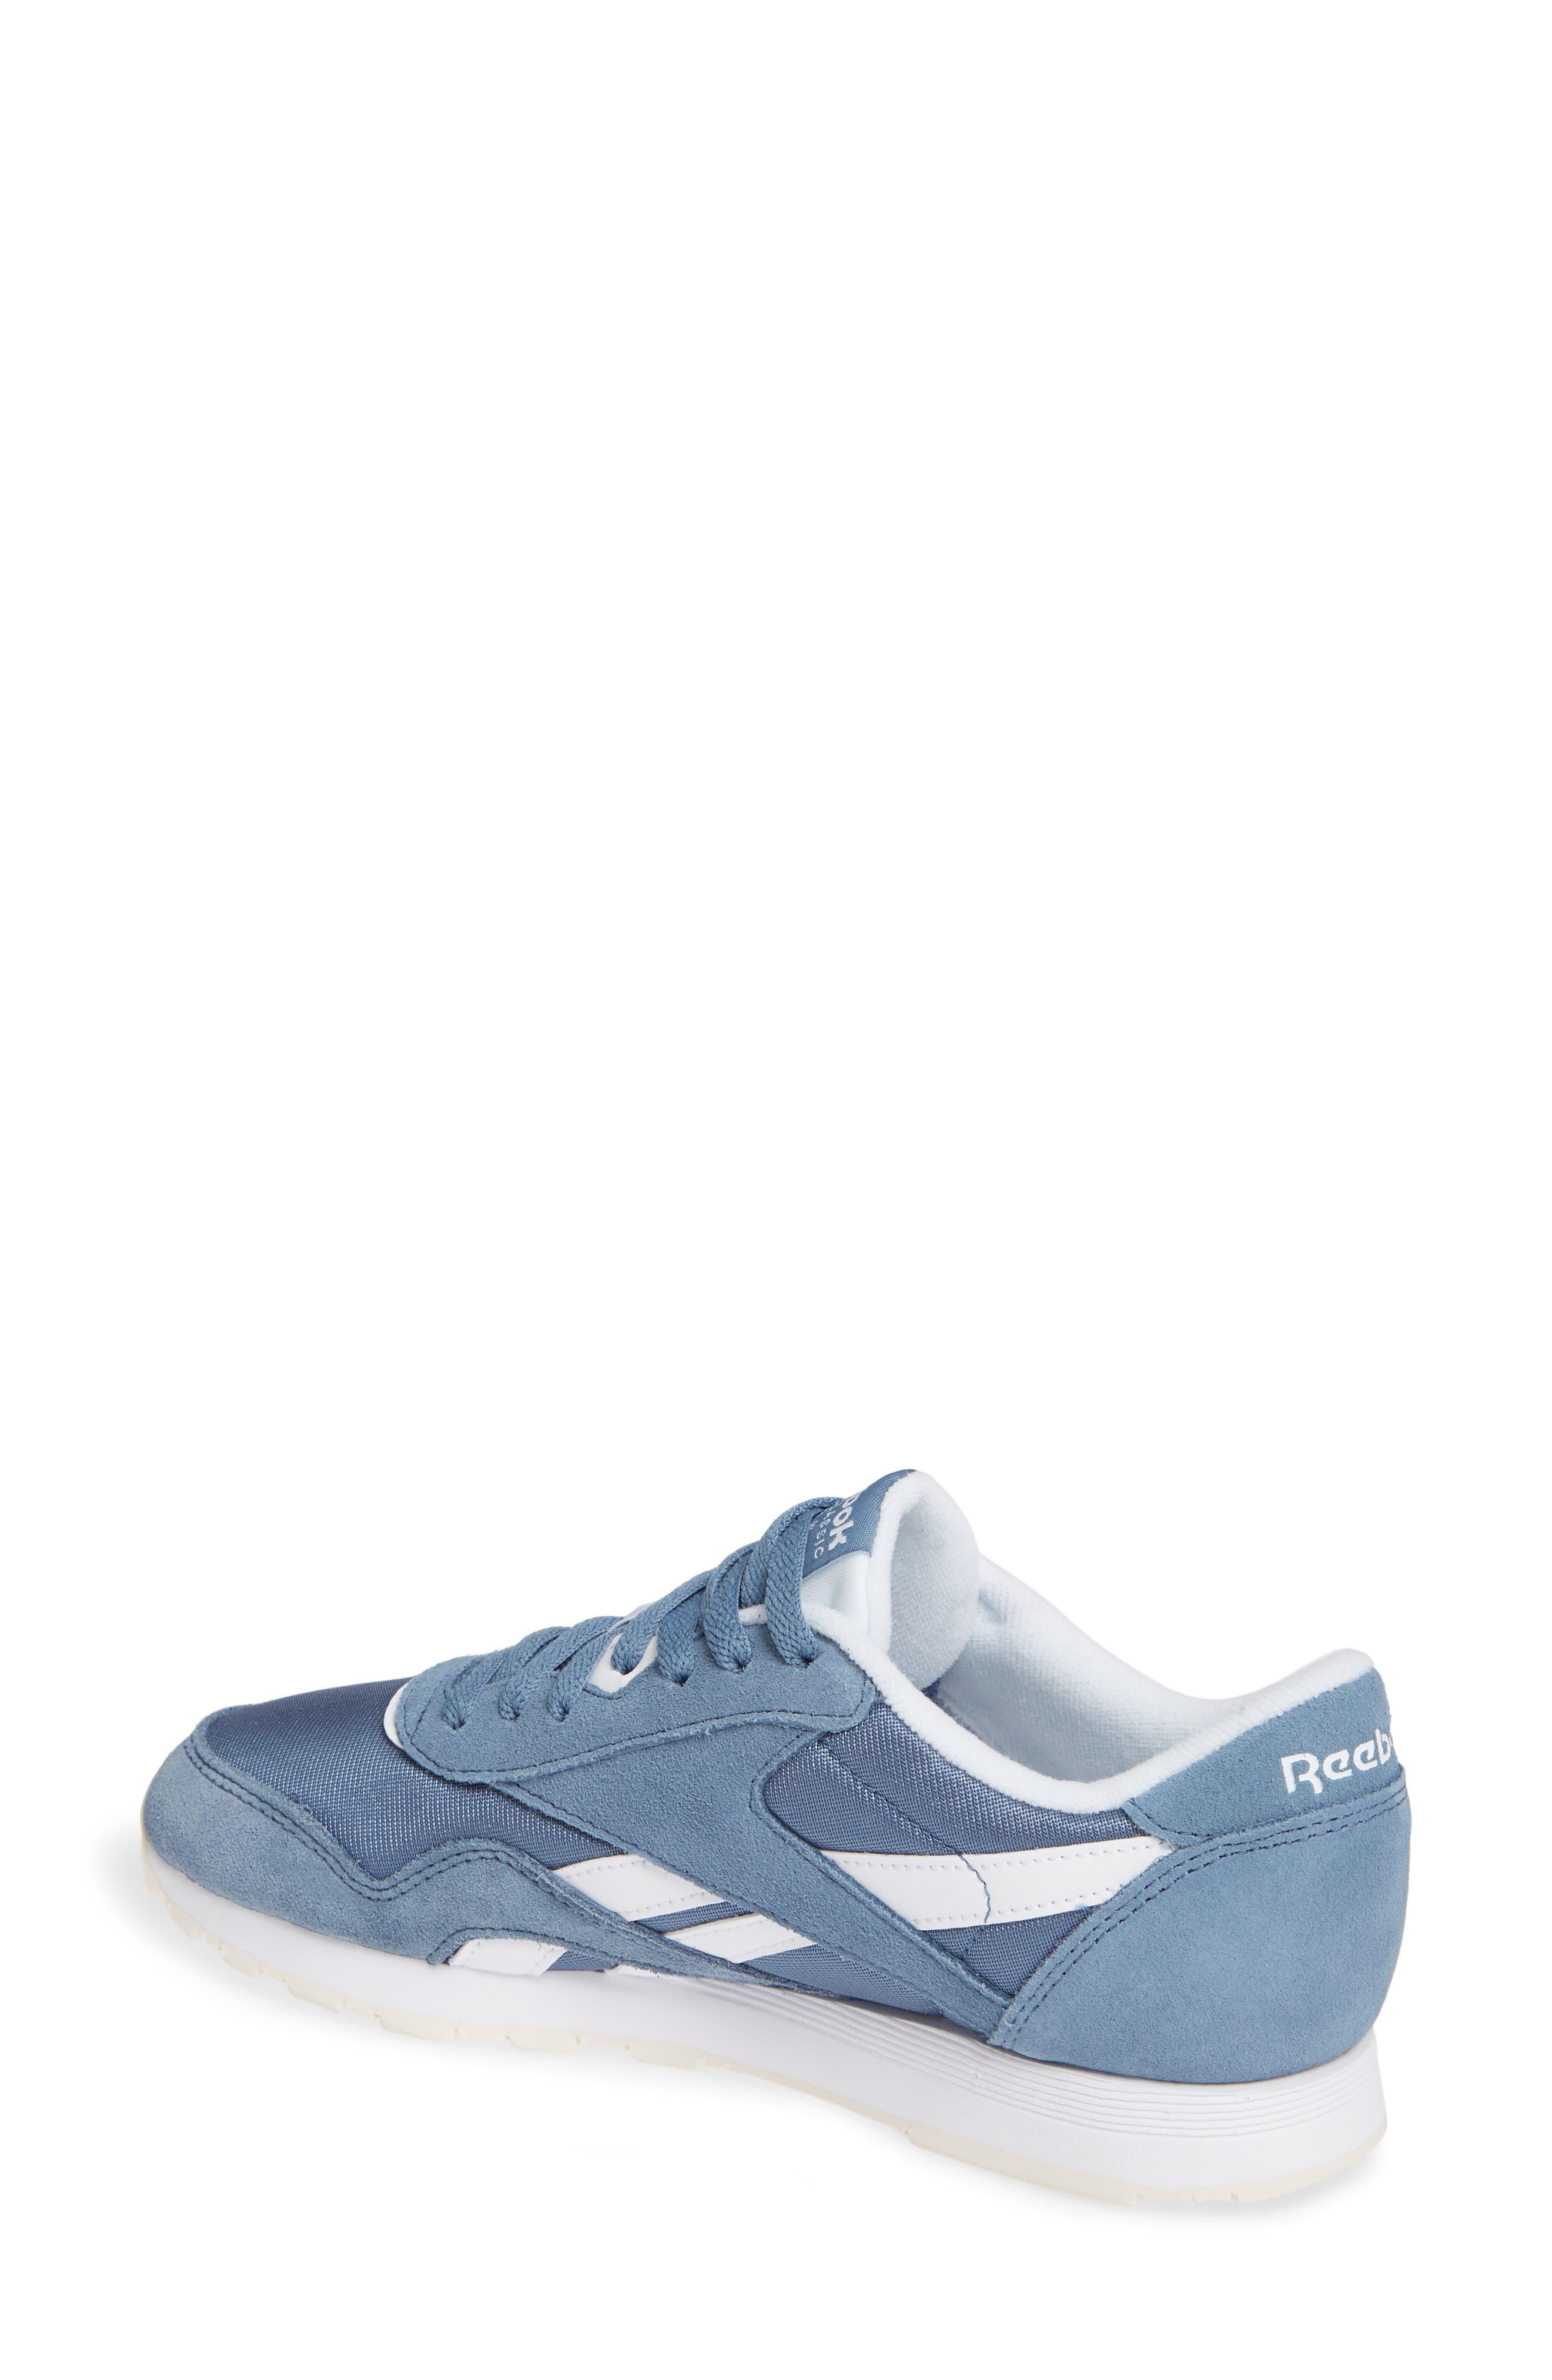 Classic Sneaker,                             Alternate thumbnail 2, color,                             BLUE SLATE/ WHITE/ CHALK